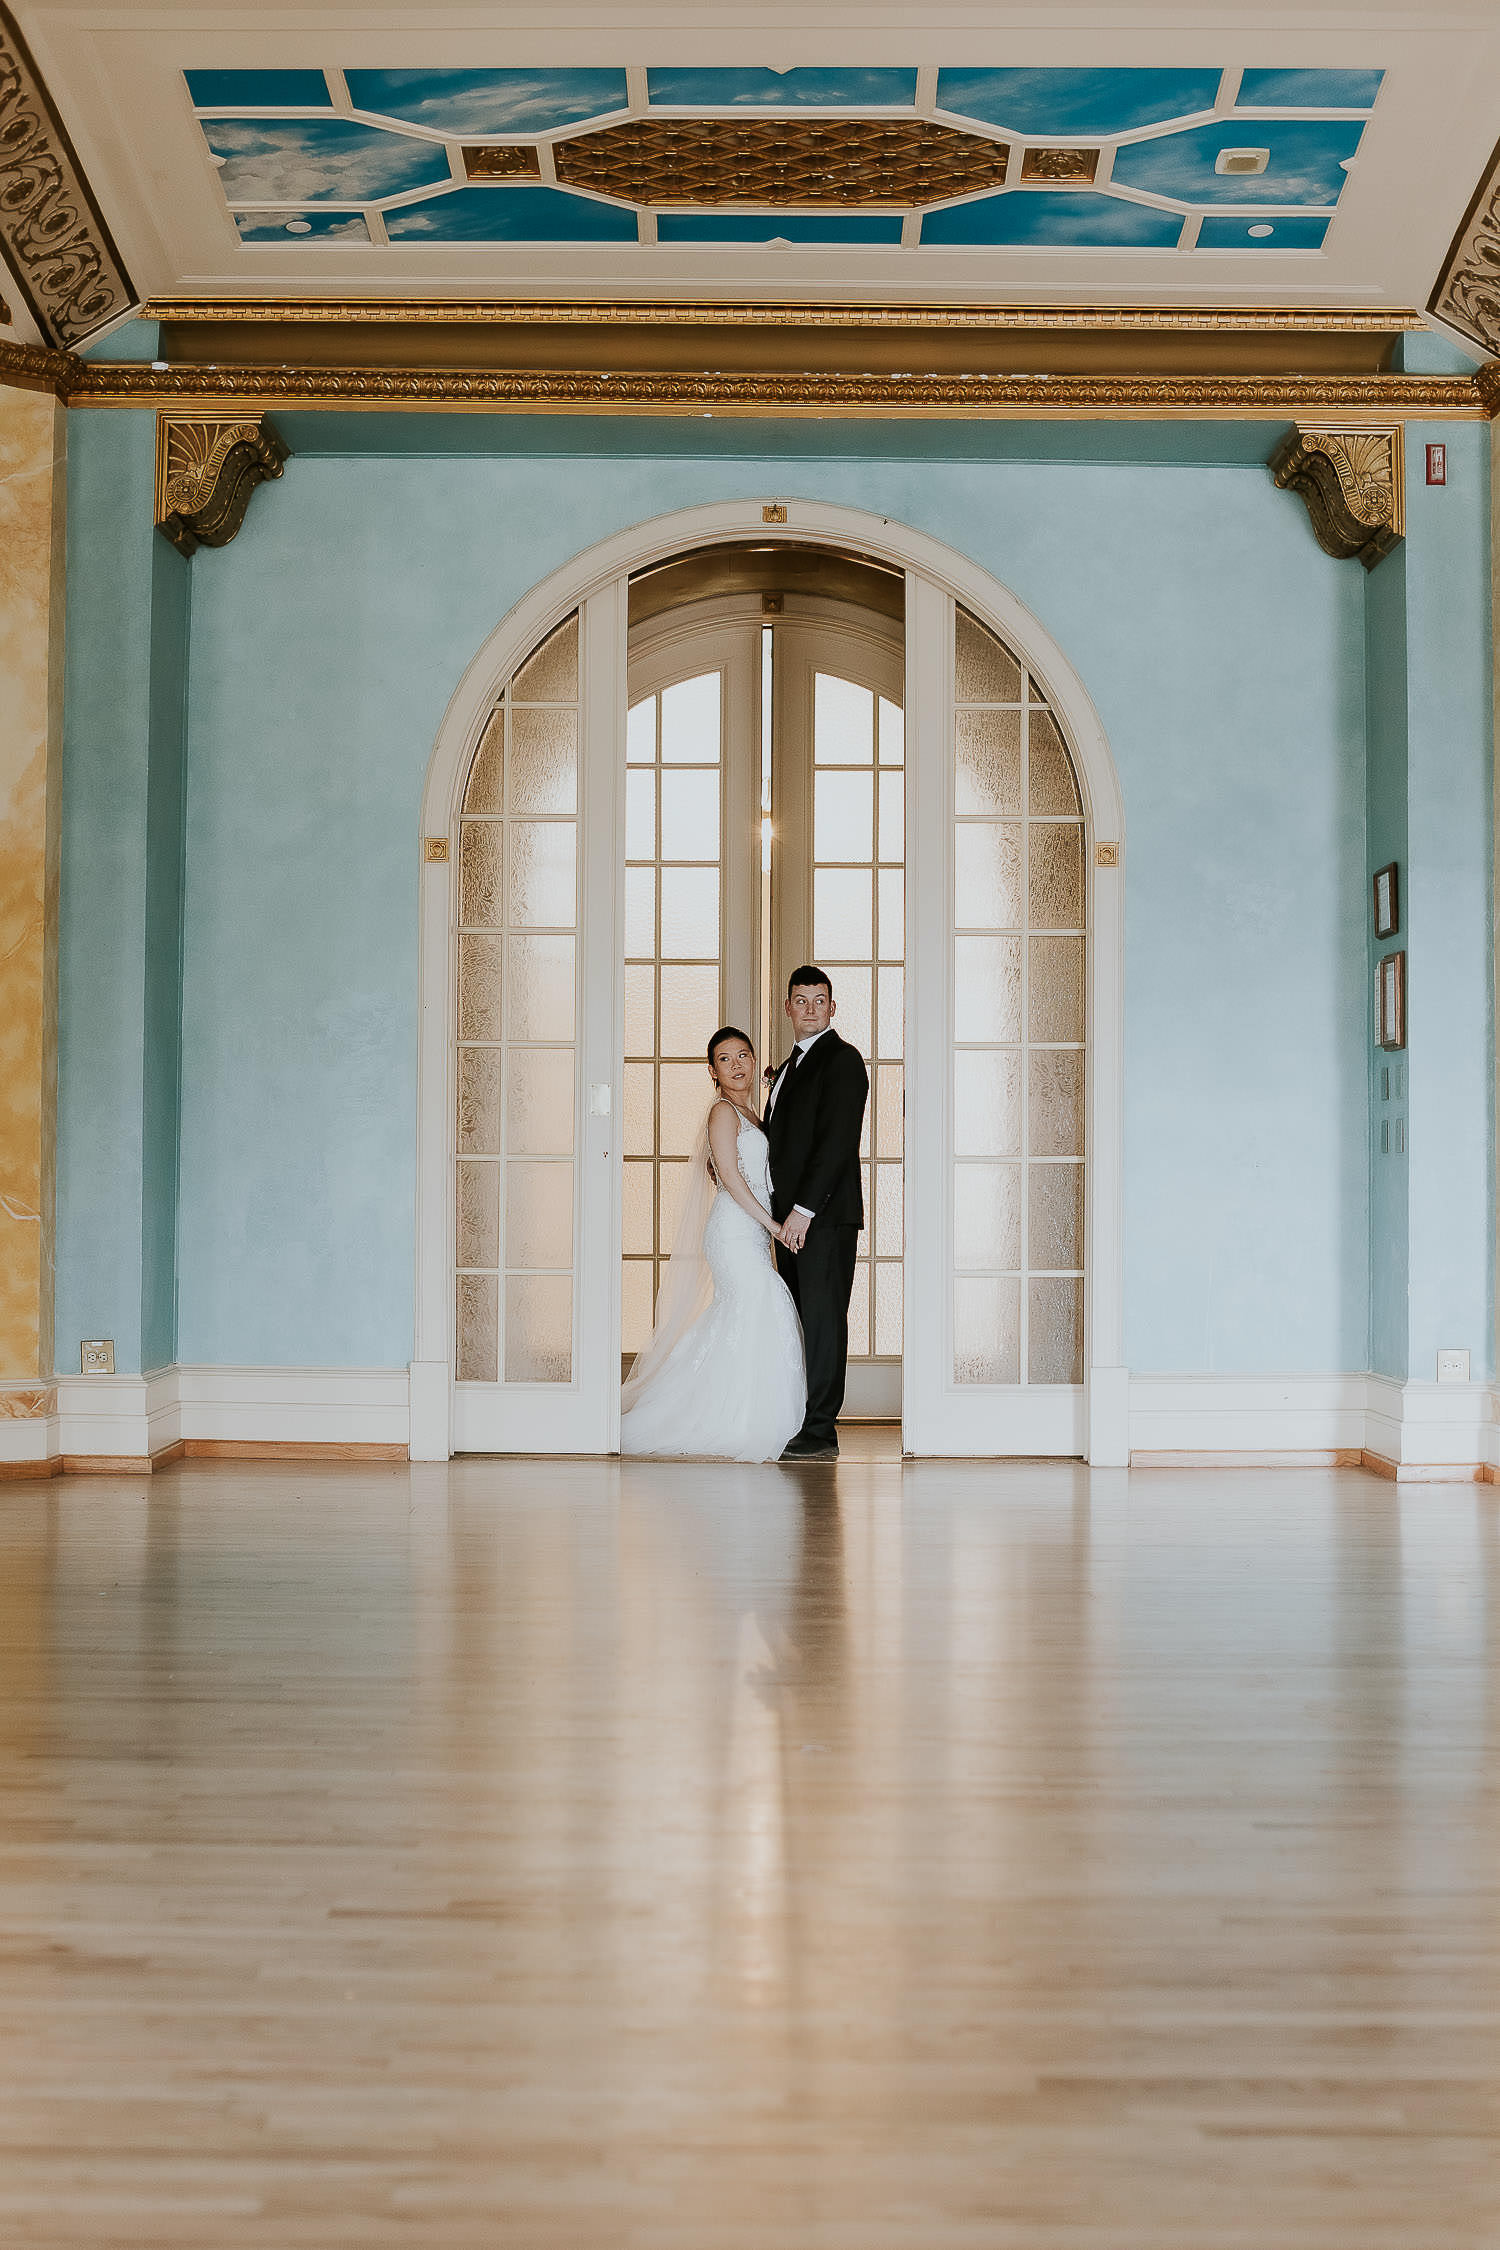 intimate-wedding-at-banff-springs-hotel-sarah-pukin-0207